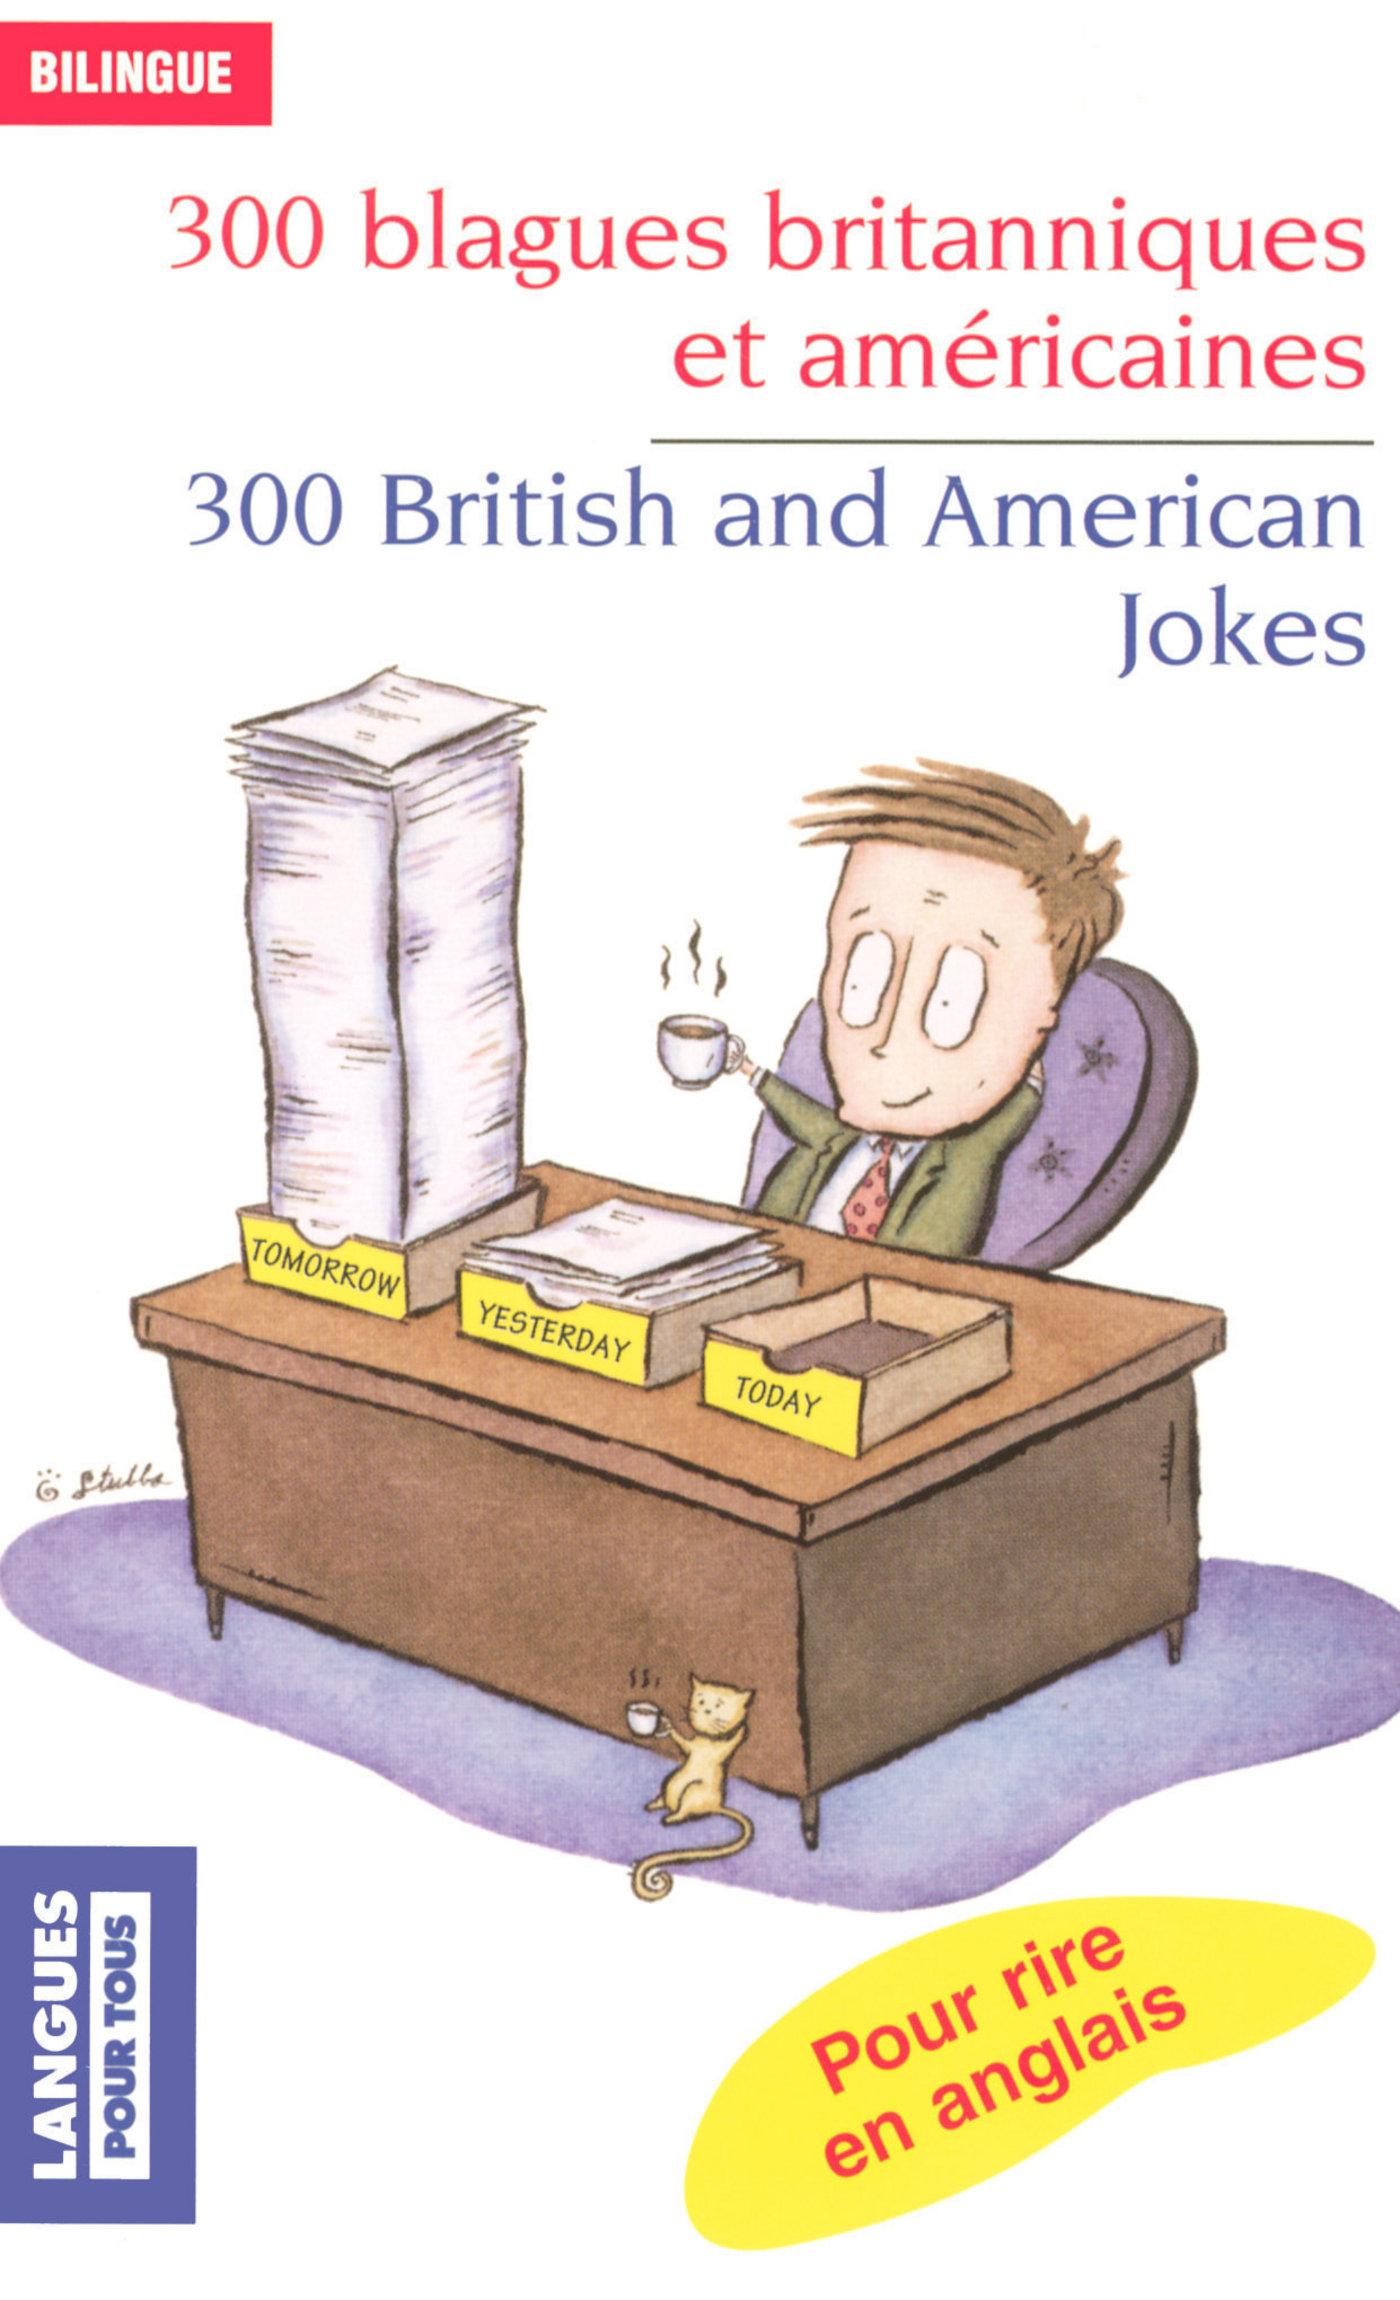 300 blagues britanniques et américaines (ebook)